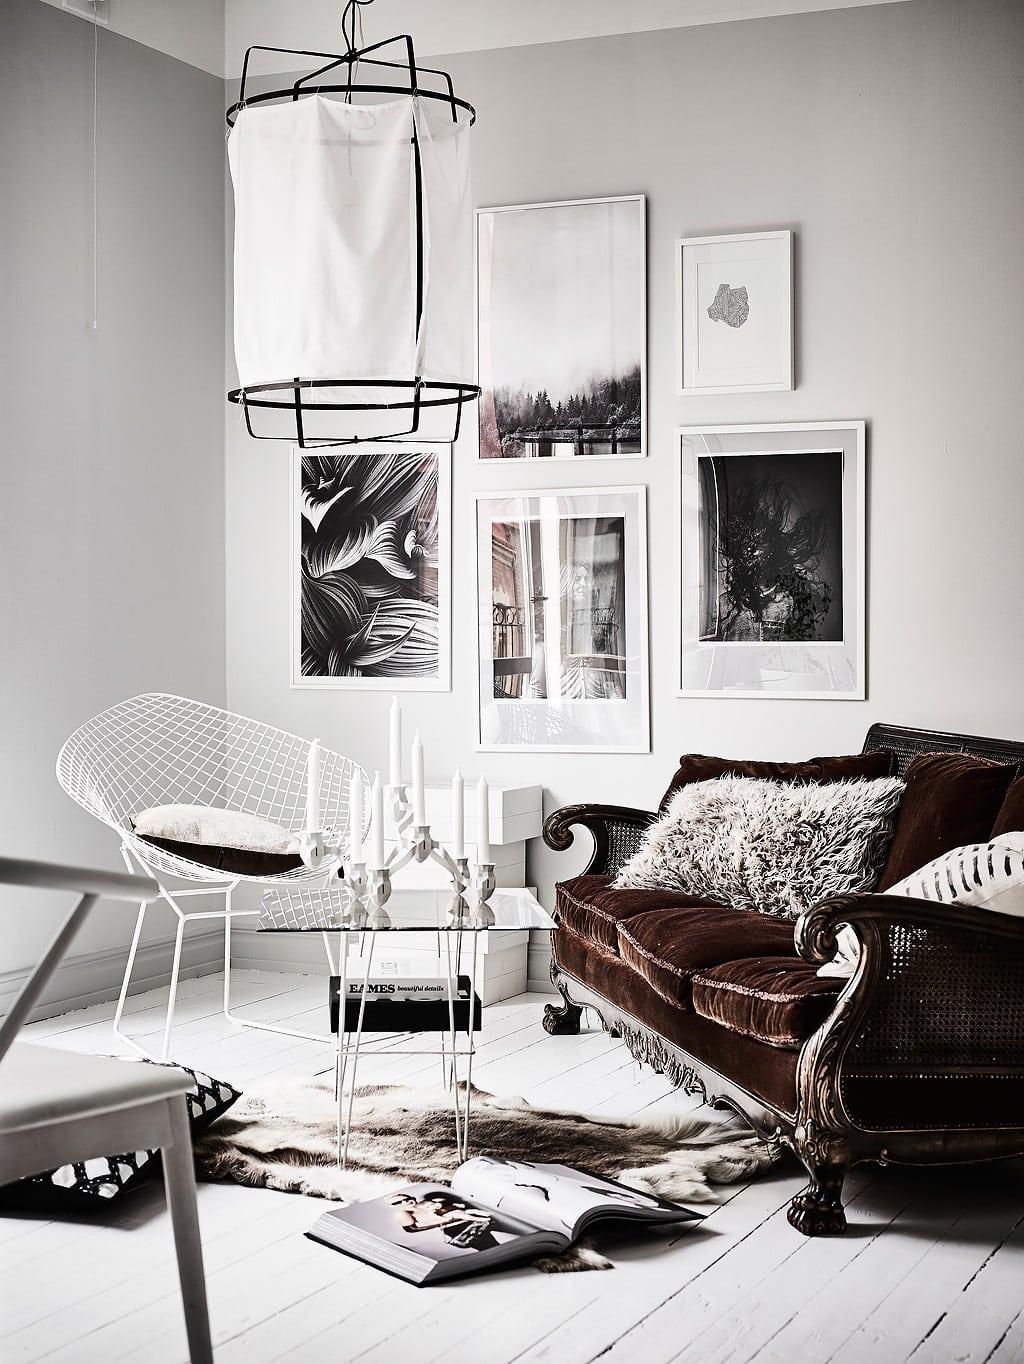 Super white home - via cocolapinedesign.com